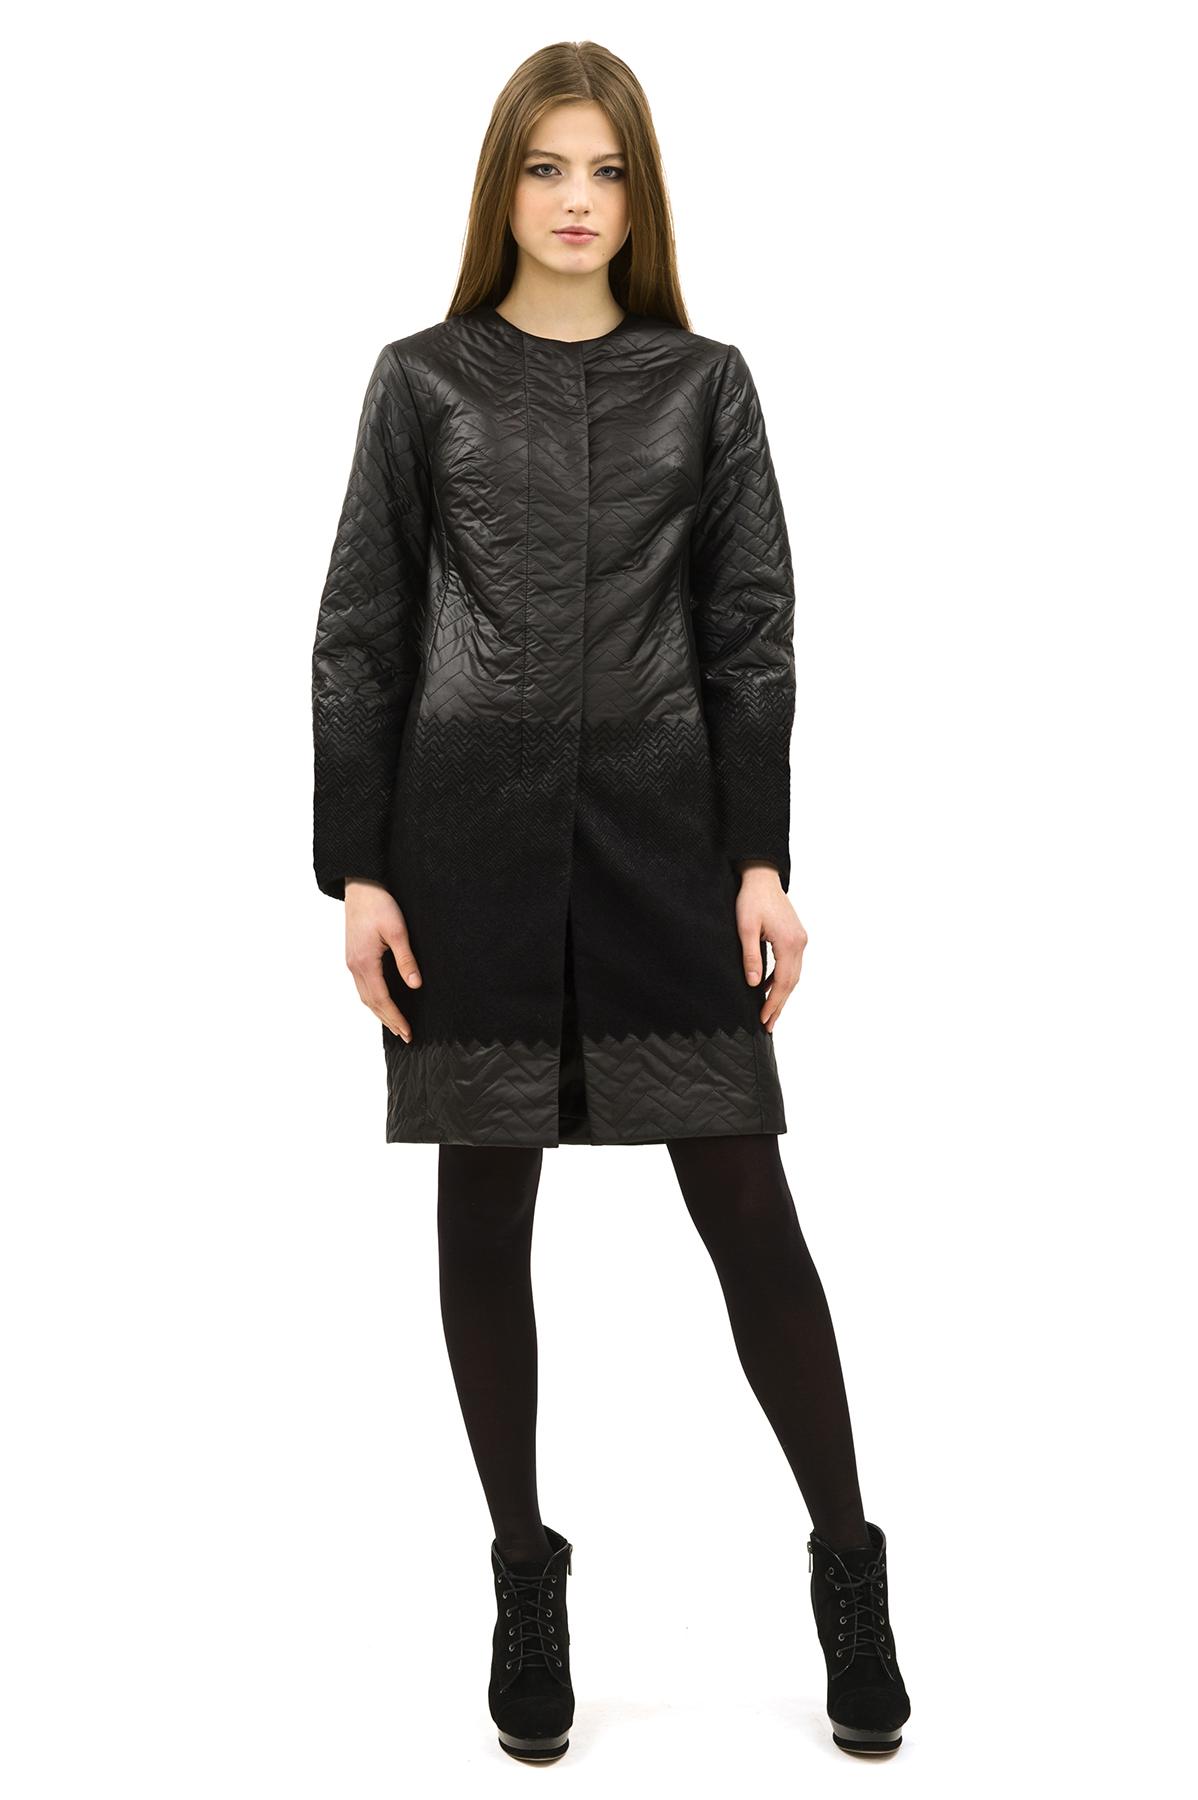 ПальтоЖенские куртки, плащи, пальто<br>Пальто от Doctor E - стильный и комфортный выбор. Шерсть, которая входит в состав, надежно сохраняет тепло. Лаконичное черное пальто с ассиметричным расположением молнии. Отличный выбор для современной жительницы мегаполиса.<br><br>Цвет: черный<br>Состав: 38%шерсть,62%полиэстер,  подкладка - 100%полиэстер<br>Размер: 40,42,44,46,48,50,52,54,56,58,60<br>Страна дизайна: Россия<br>Страна производства: Россия